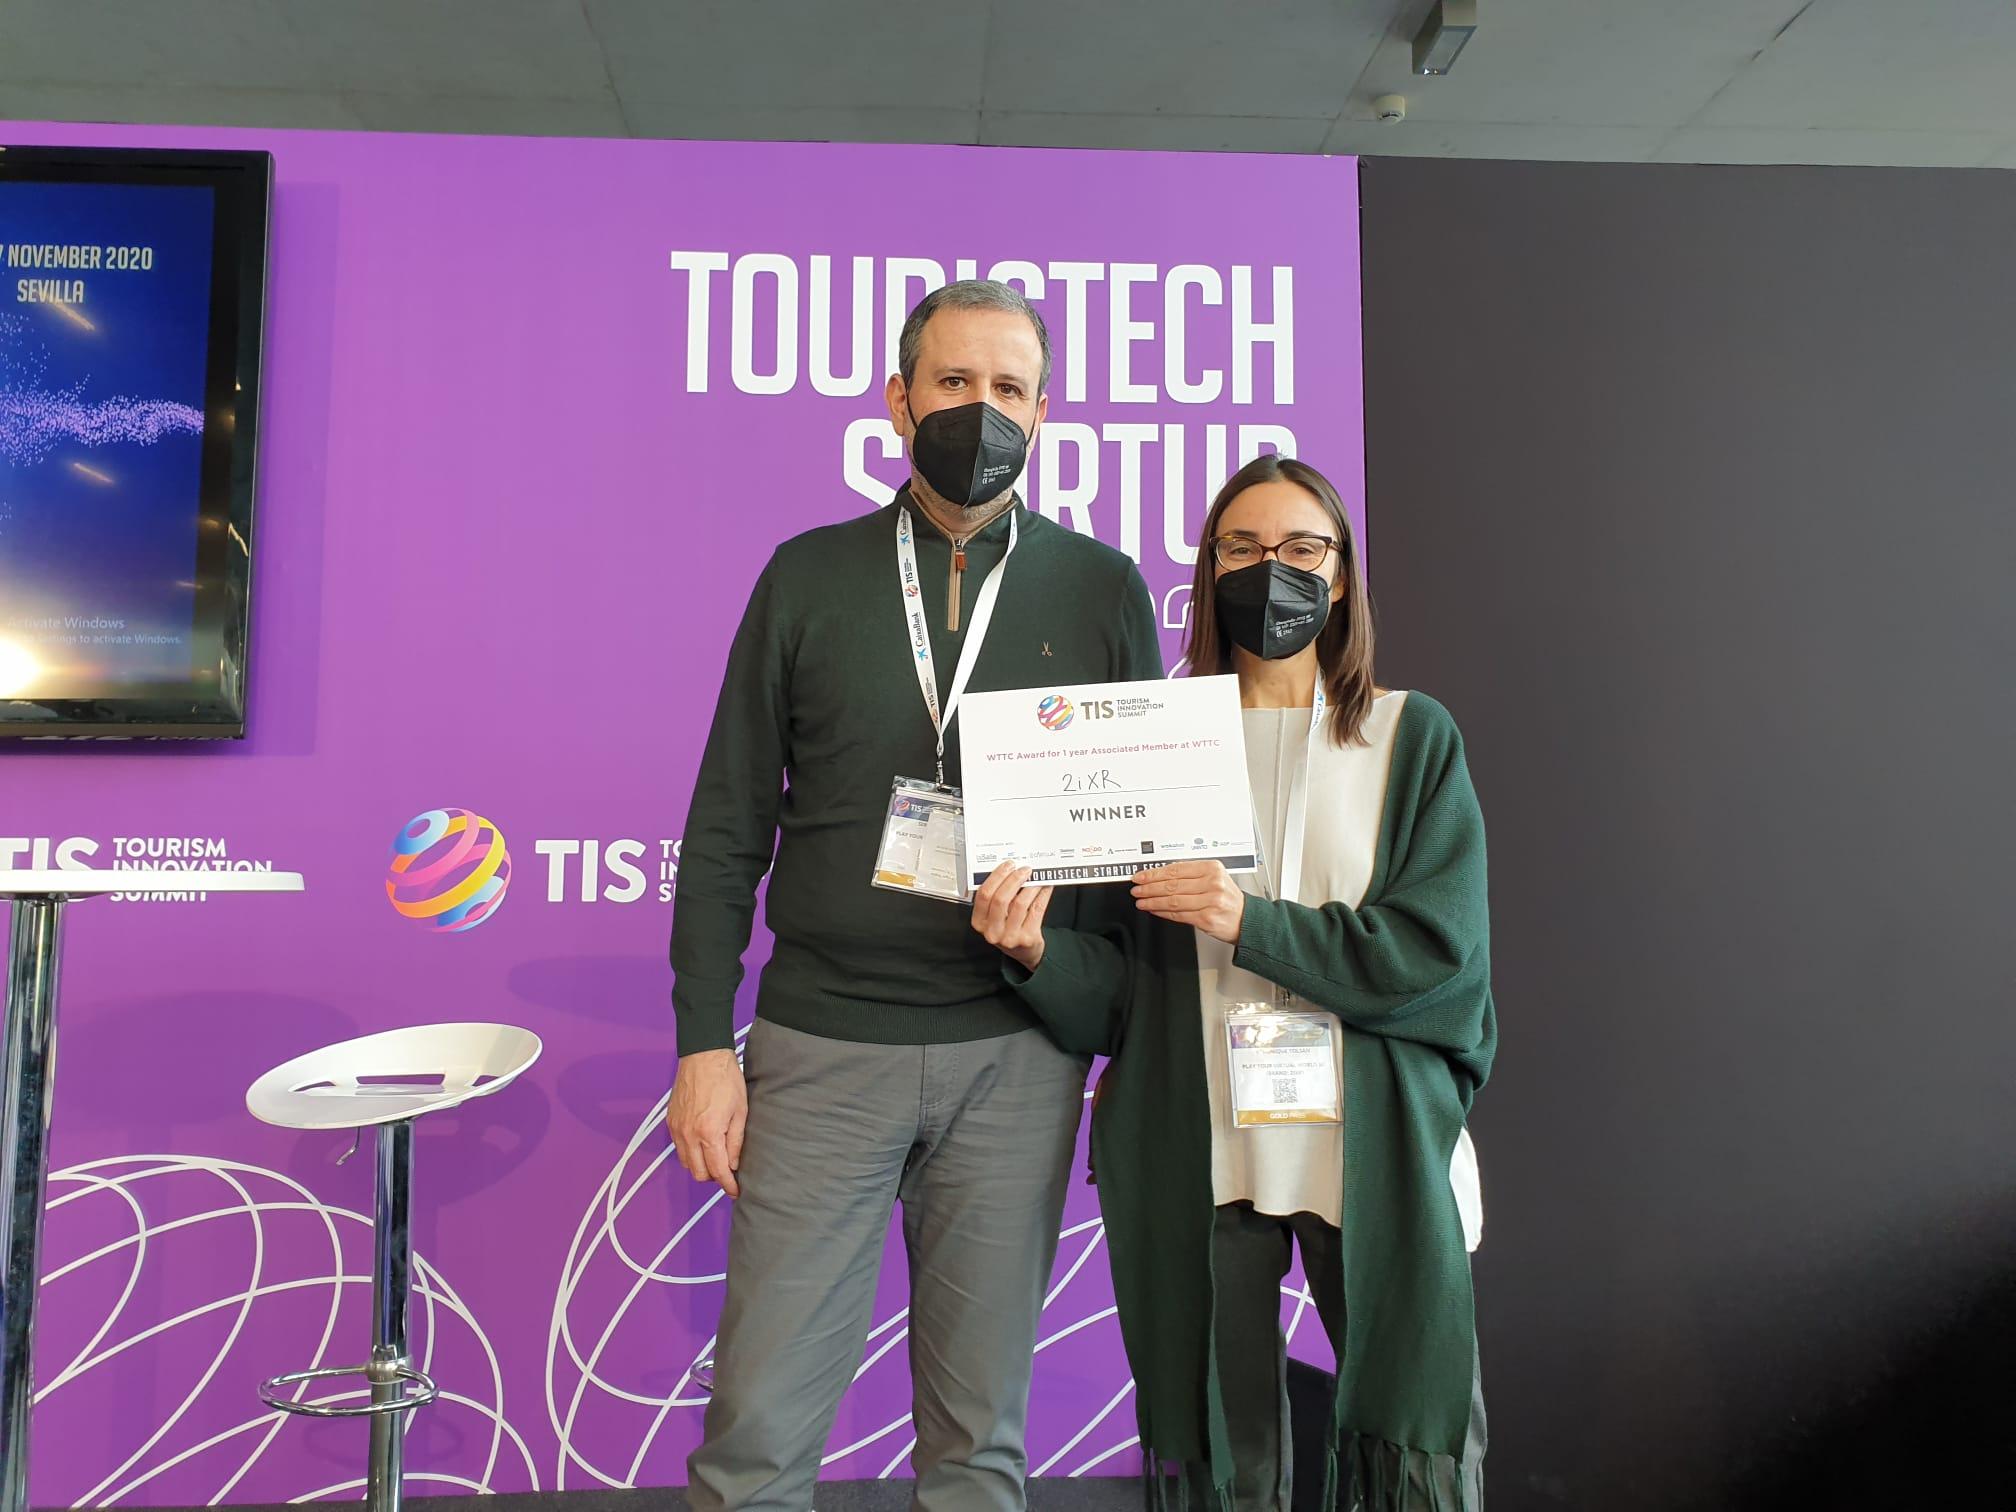 Somos una de las startups premiadas en el Touristech Startup Fest